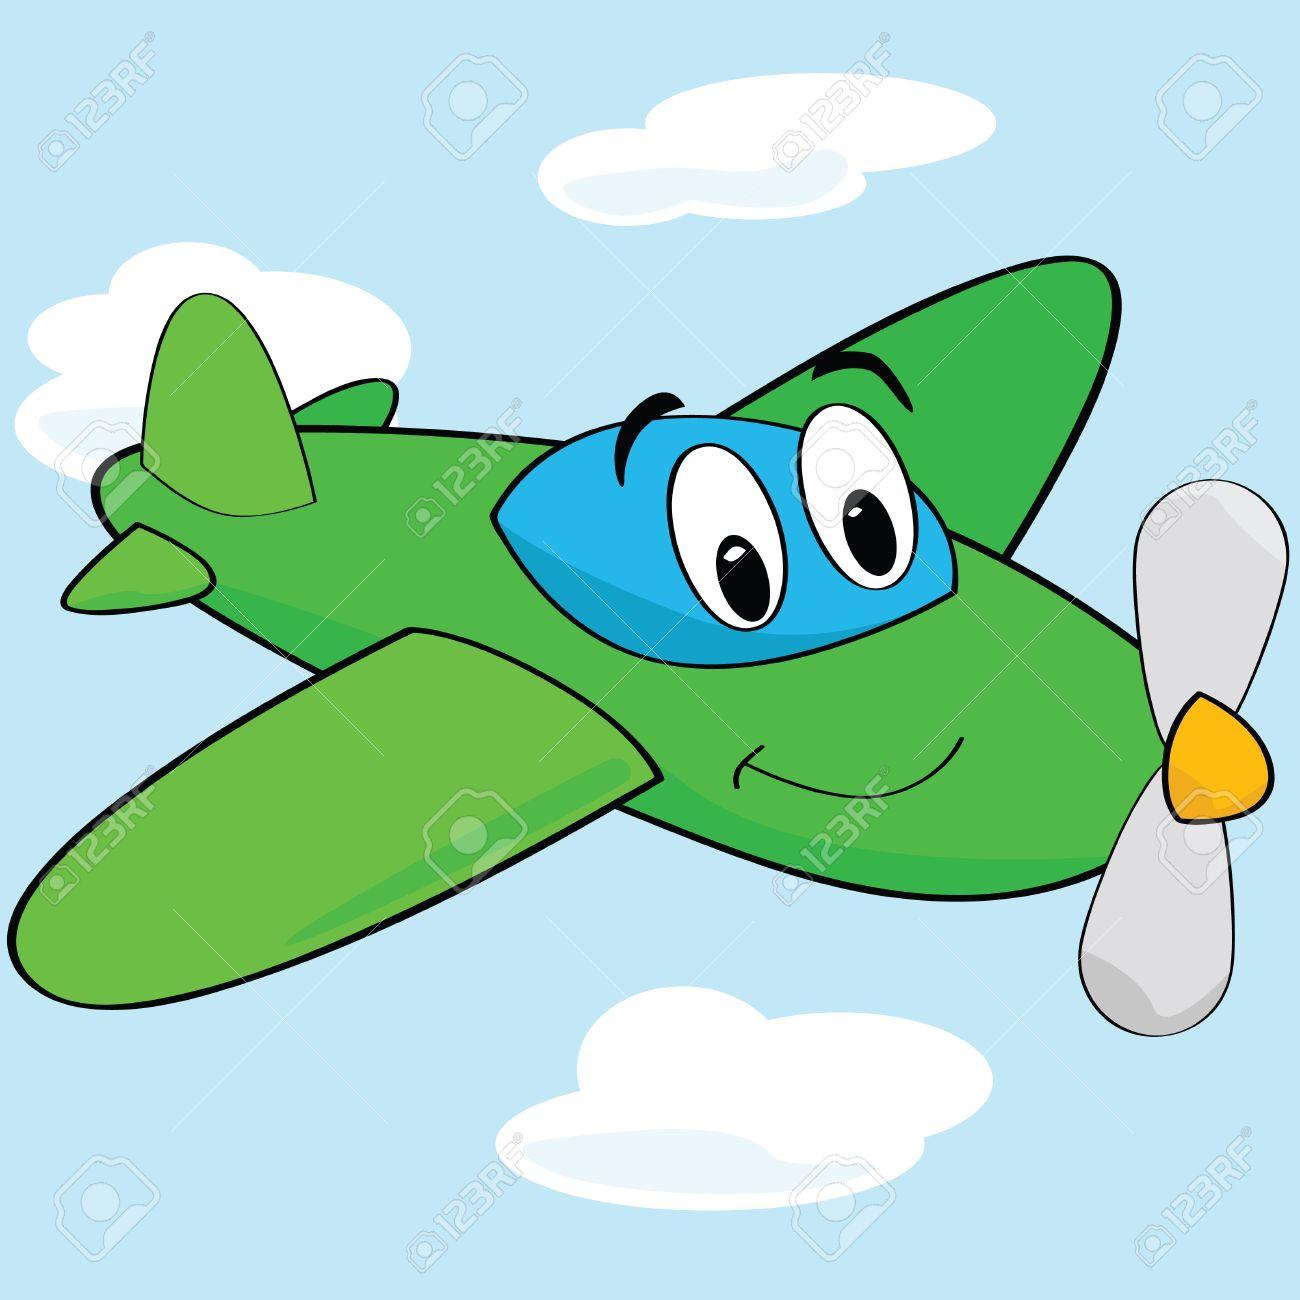 笑顔のかわいい飛行機の漫画イラストのイラスト素材ベクタ Image